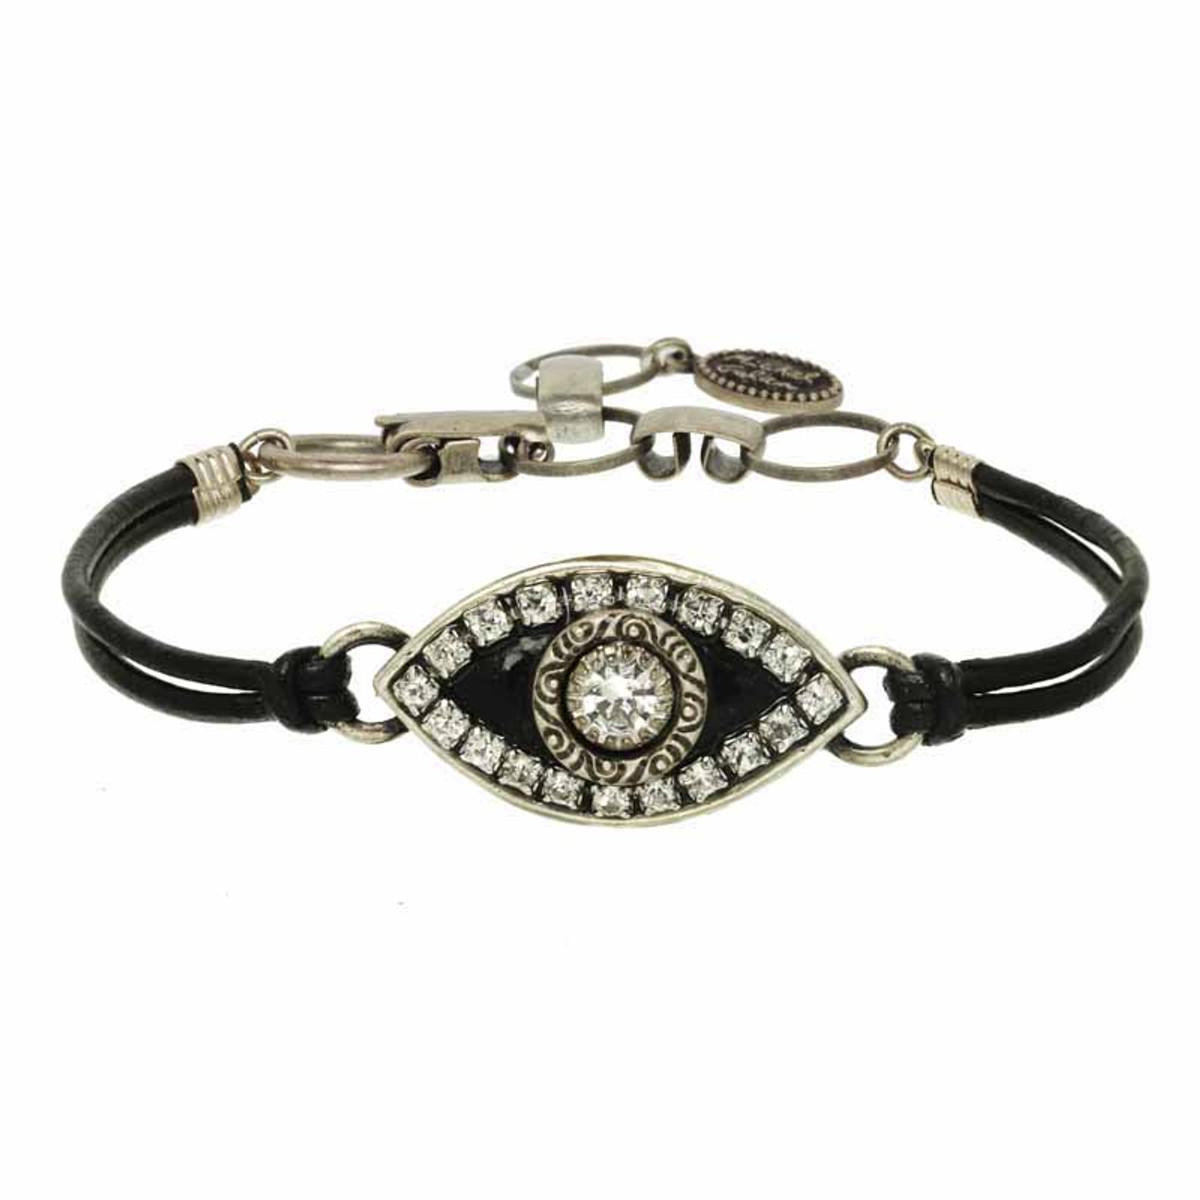 Evil Eye Bracelet From Michal Golan - Black Eye With Crystal Center